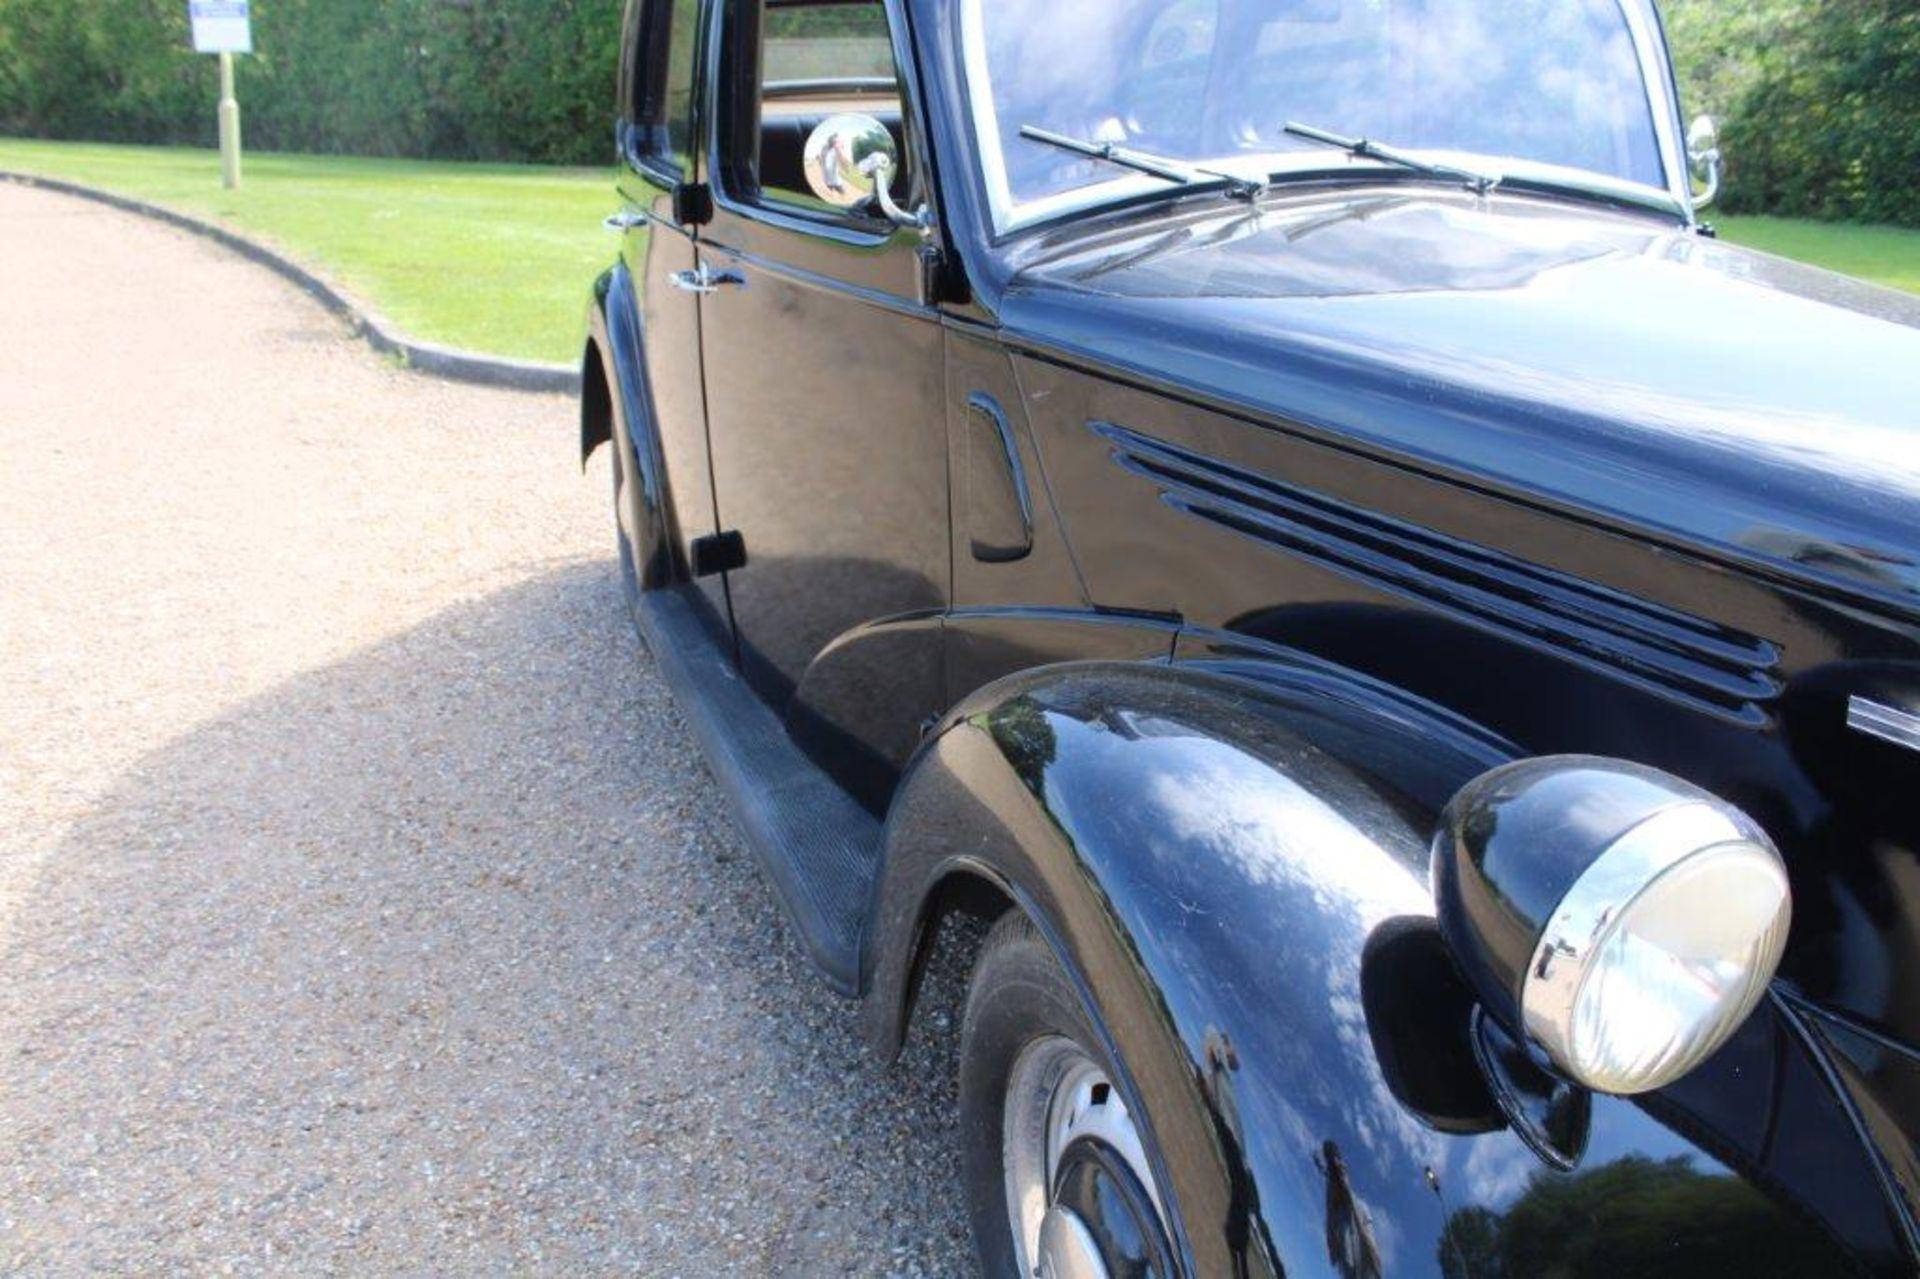 1946 Ford Prefect E93A - Image 12 of 30